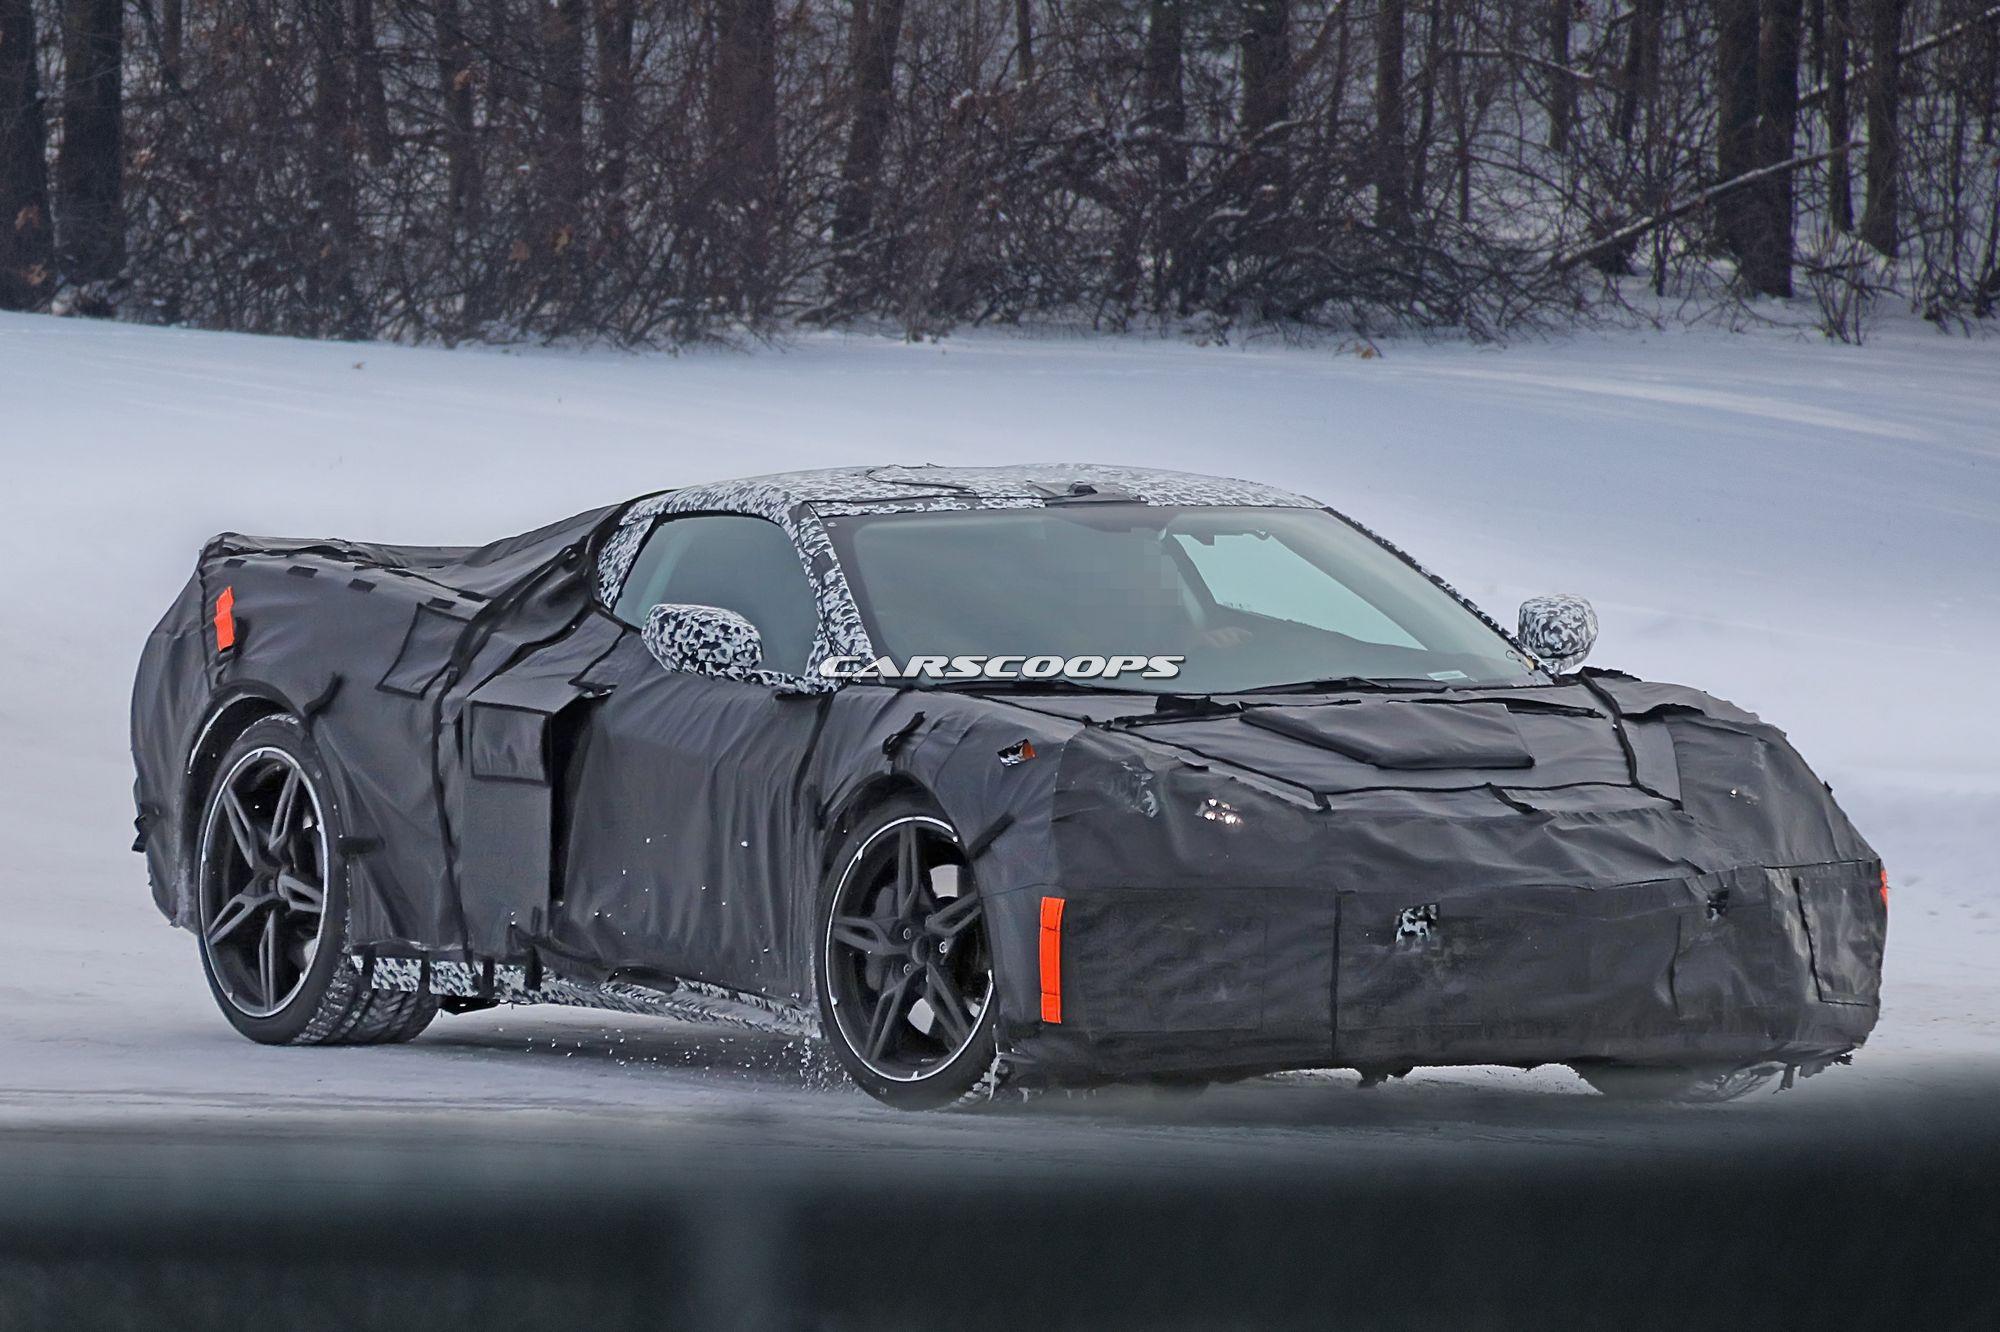 Photo of Ortadan motorlu Corvette: süperspor olacak mı?